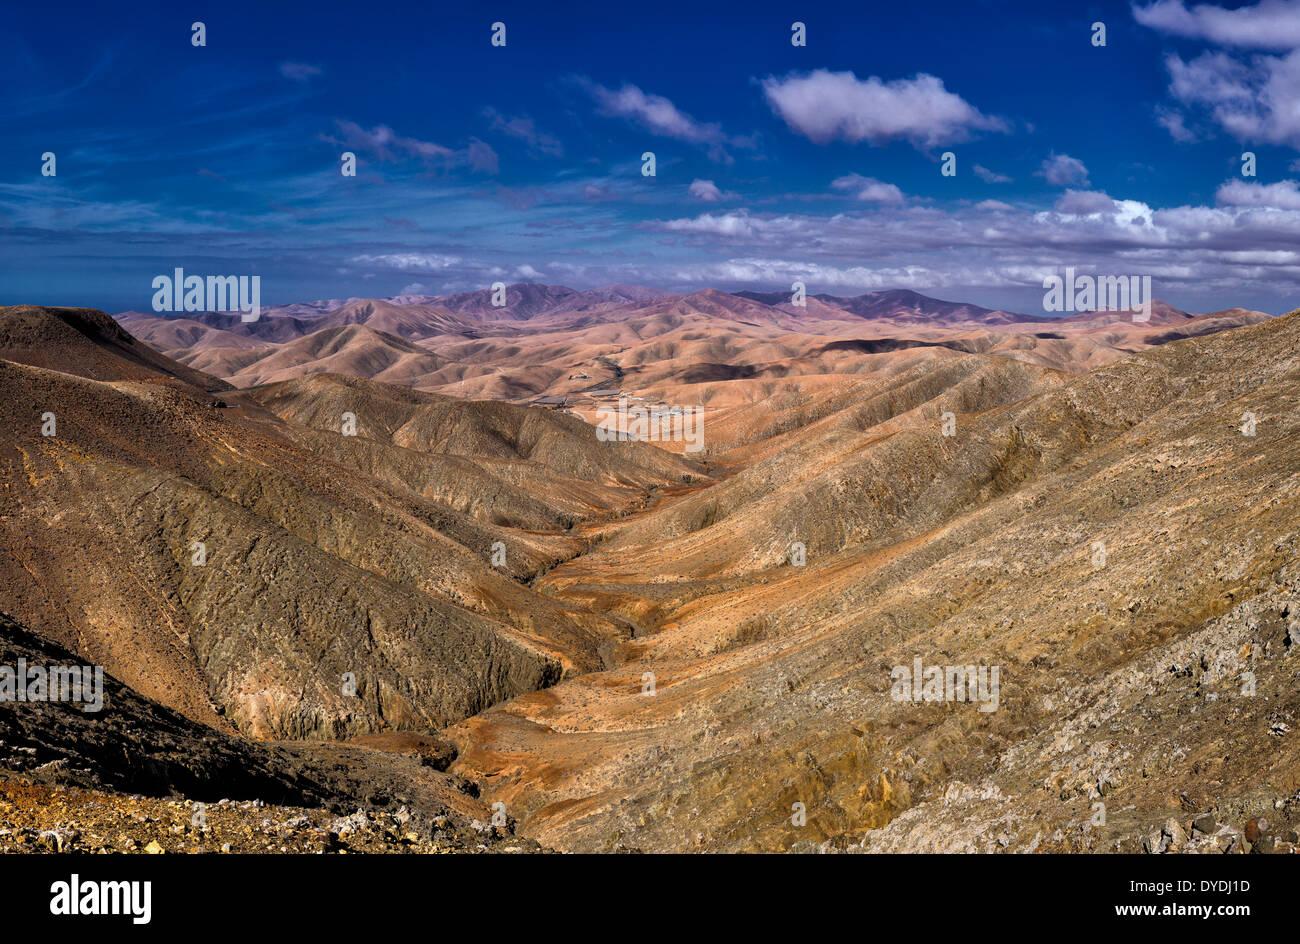 Spanien, Europa, Fuerteventura, Kanarische Inseln, La Pared, Pajara, anzeigen, Degollada del Viento, Landschaft, Berge, Wüste, Sommer Stockbild